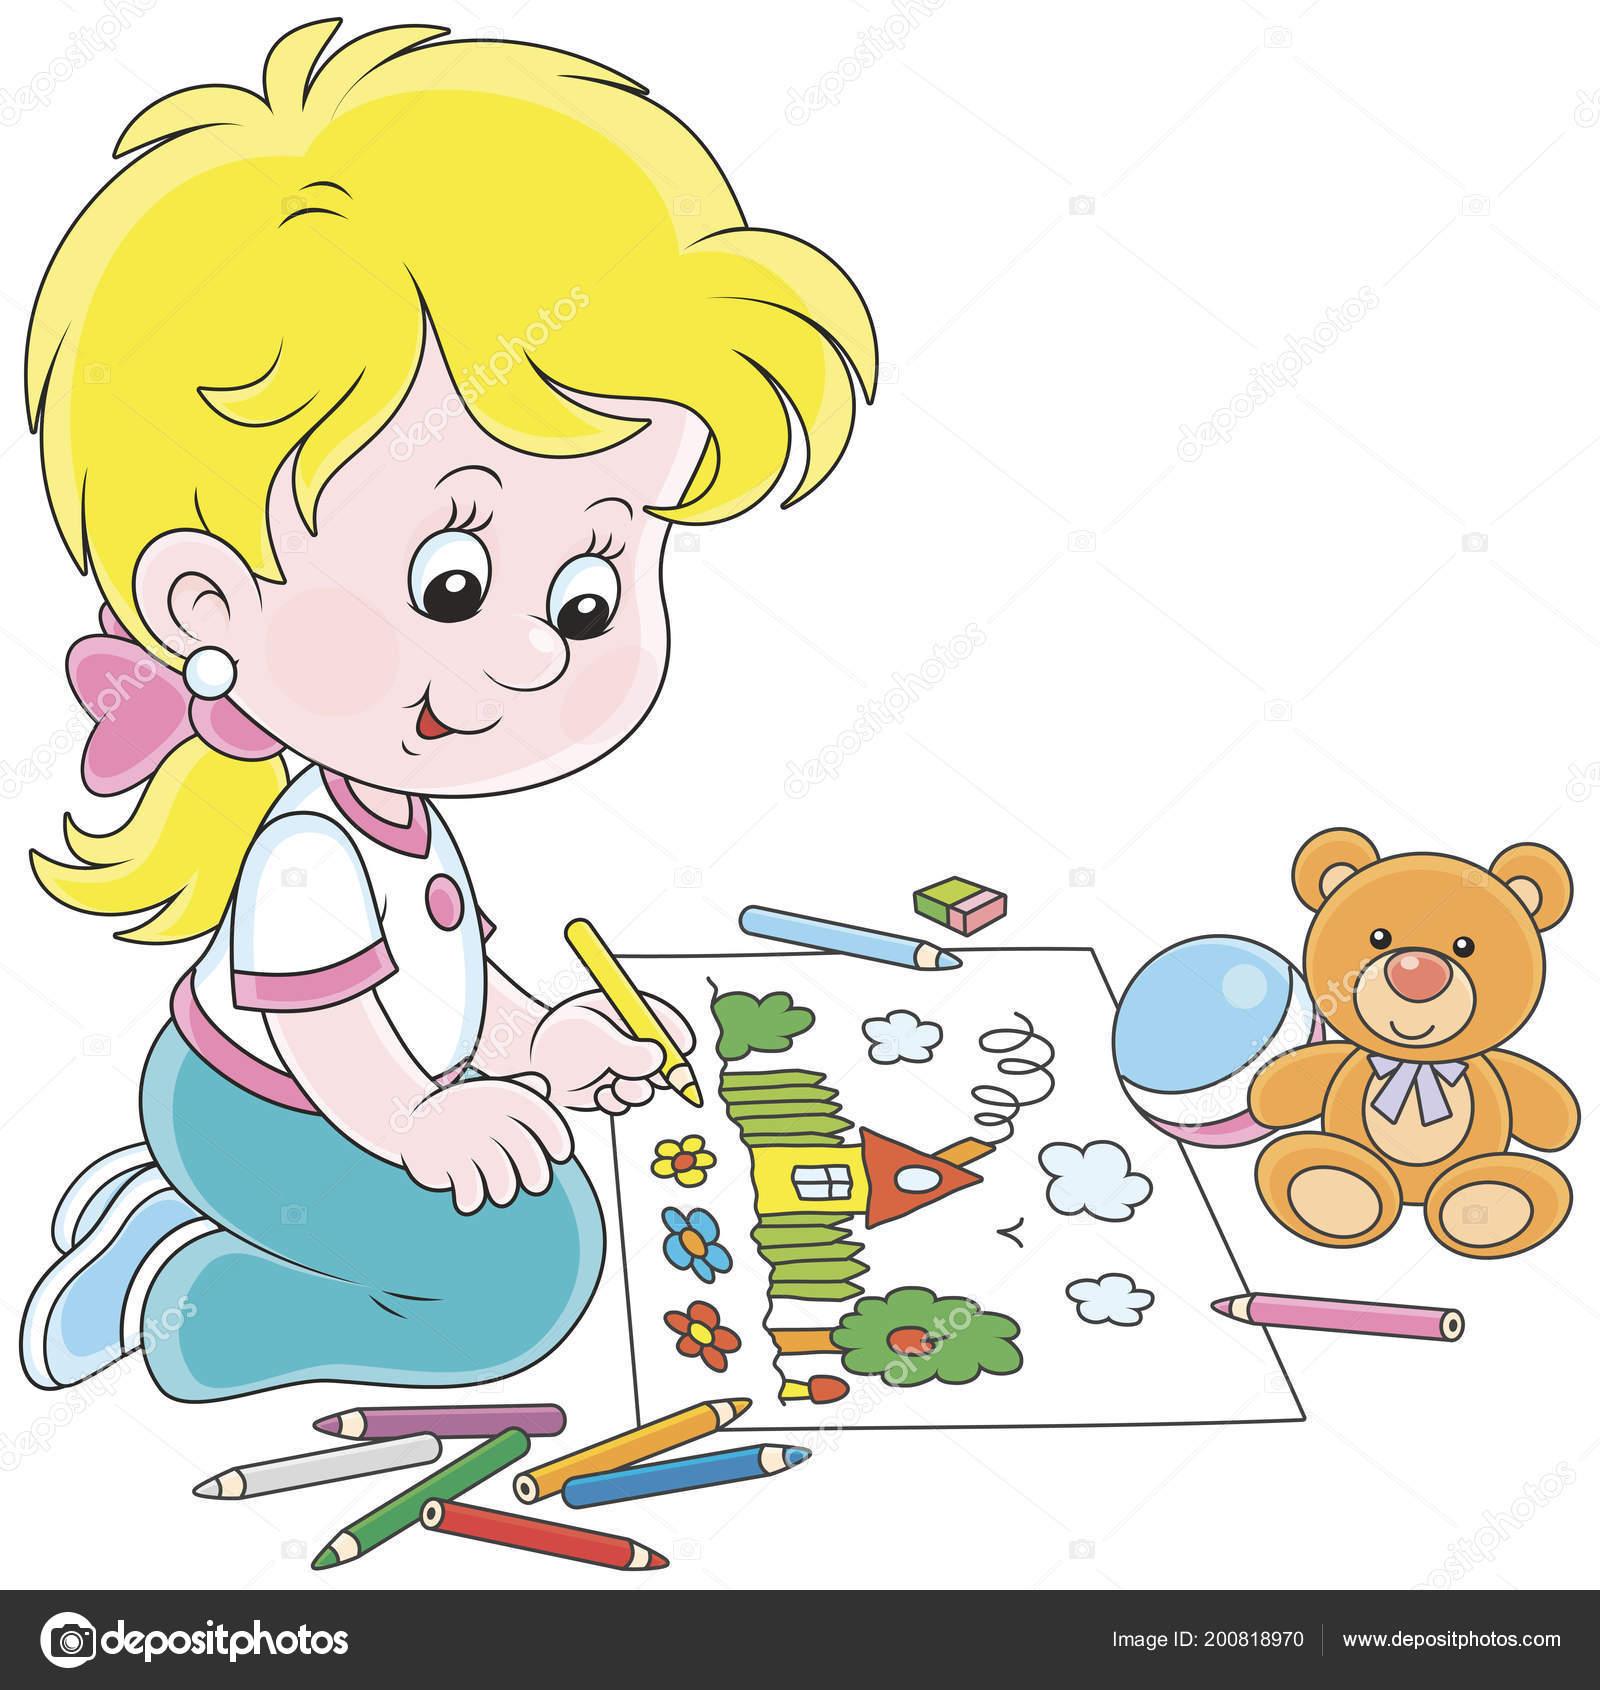 Kleines Mädchen Zeichnen Mit Farbstiften Ein Lustiges Sommer Bild